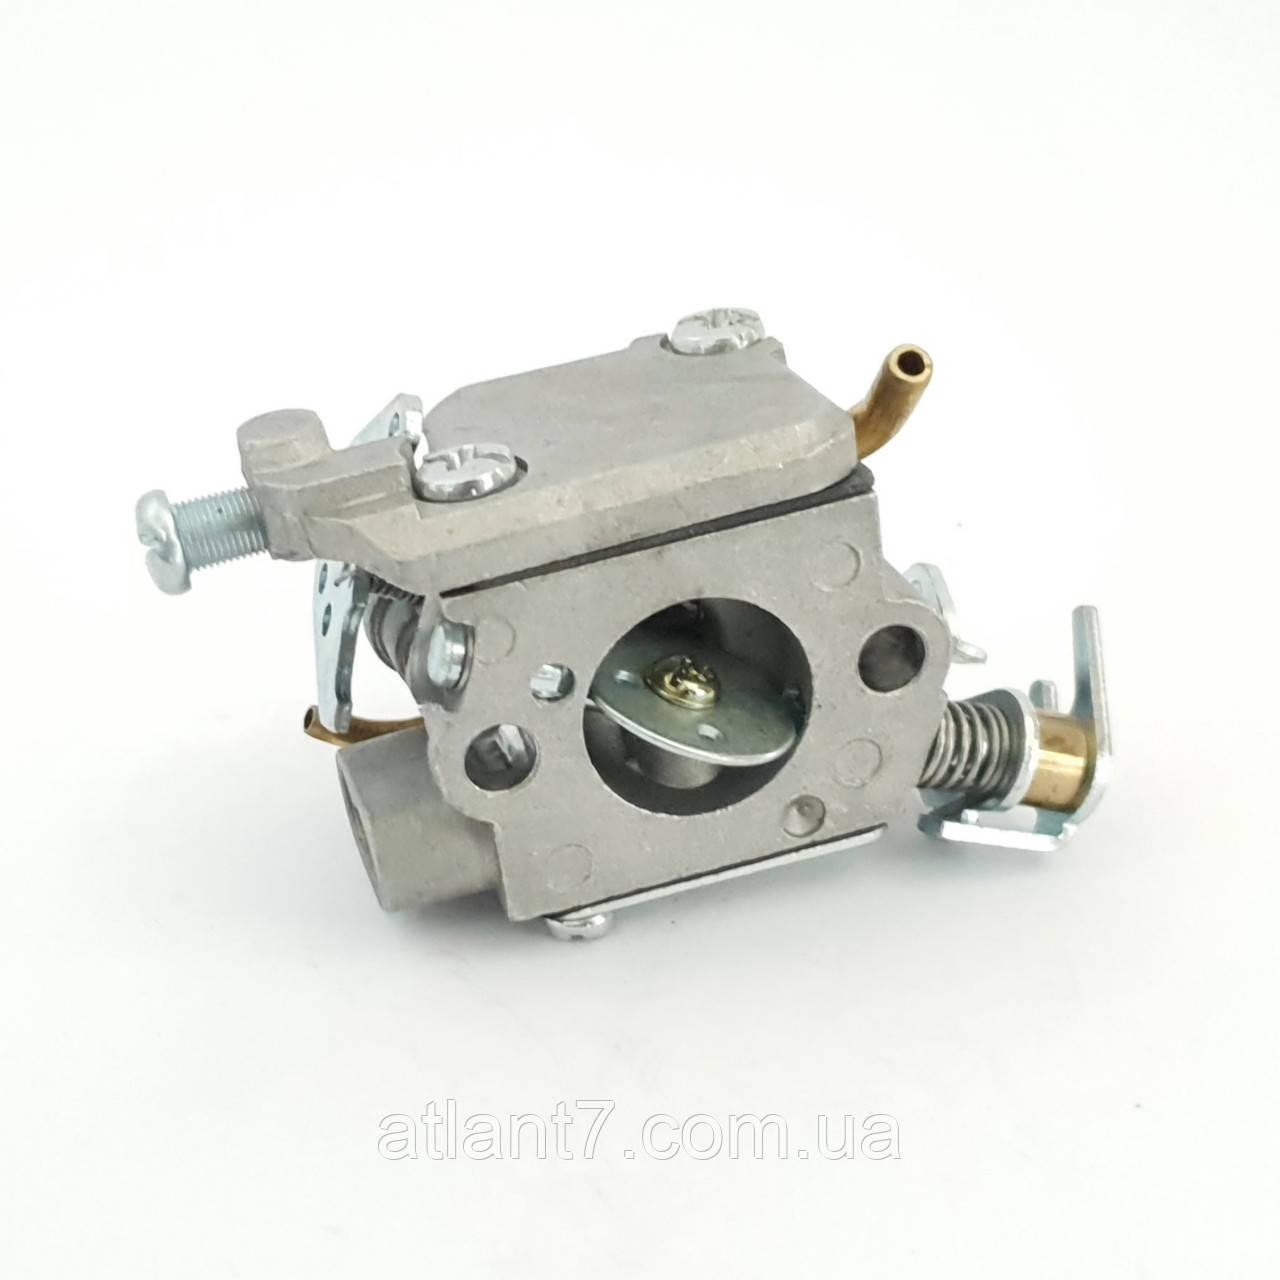 Карбюратор олео мак (oleo mac) gs35, gs37, gs350, gs370, efco mt350,mt3500